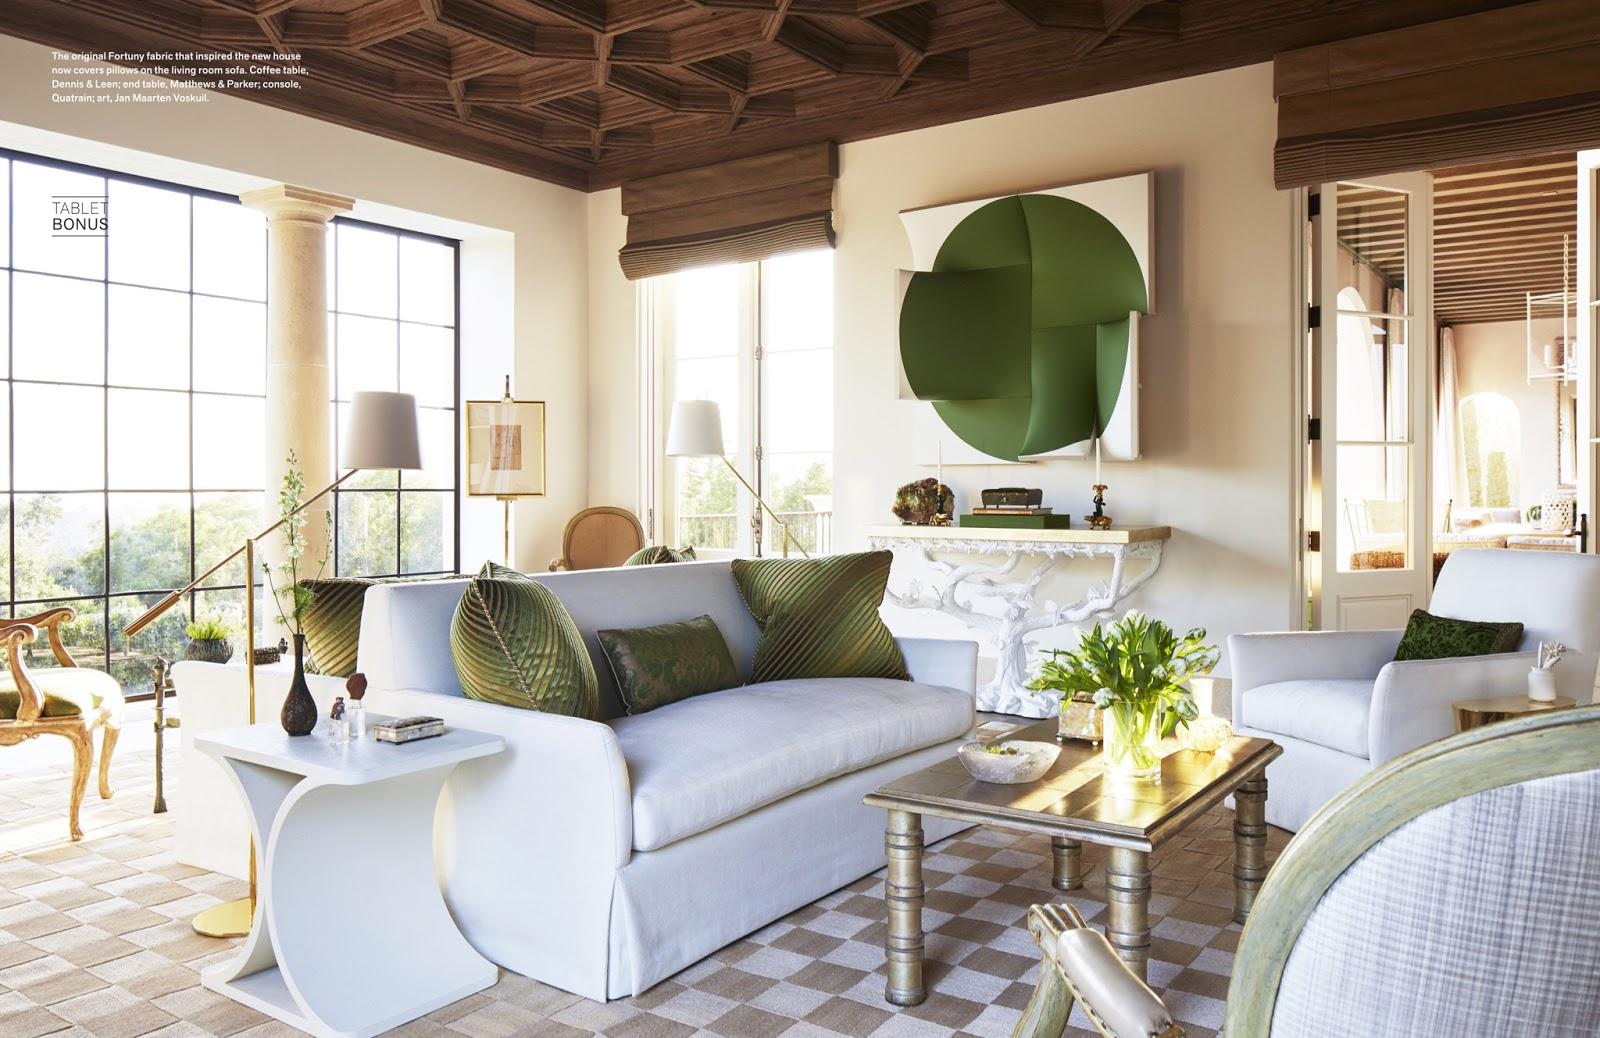 splendid sass richard hallberg design in montecito rh splendidsass blogspot com